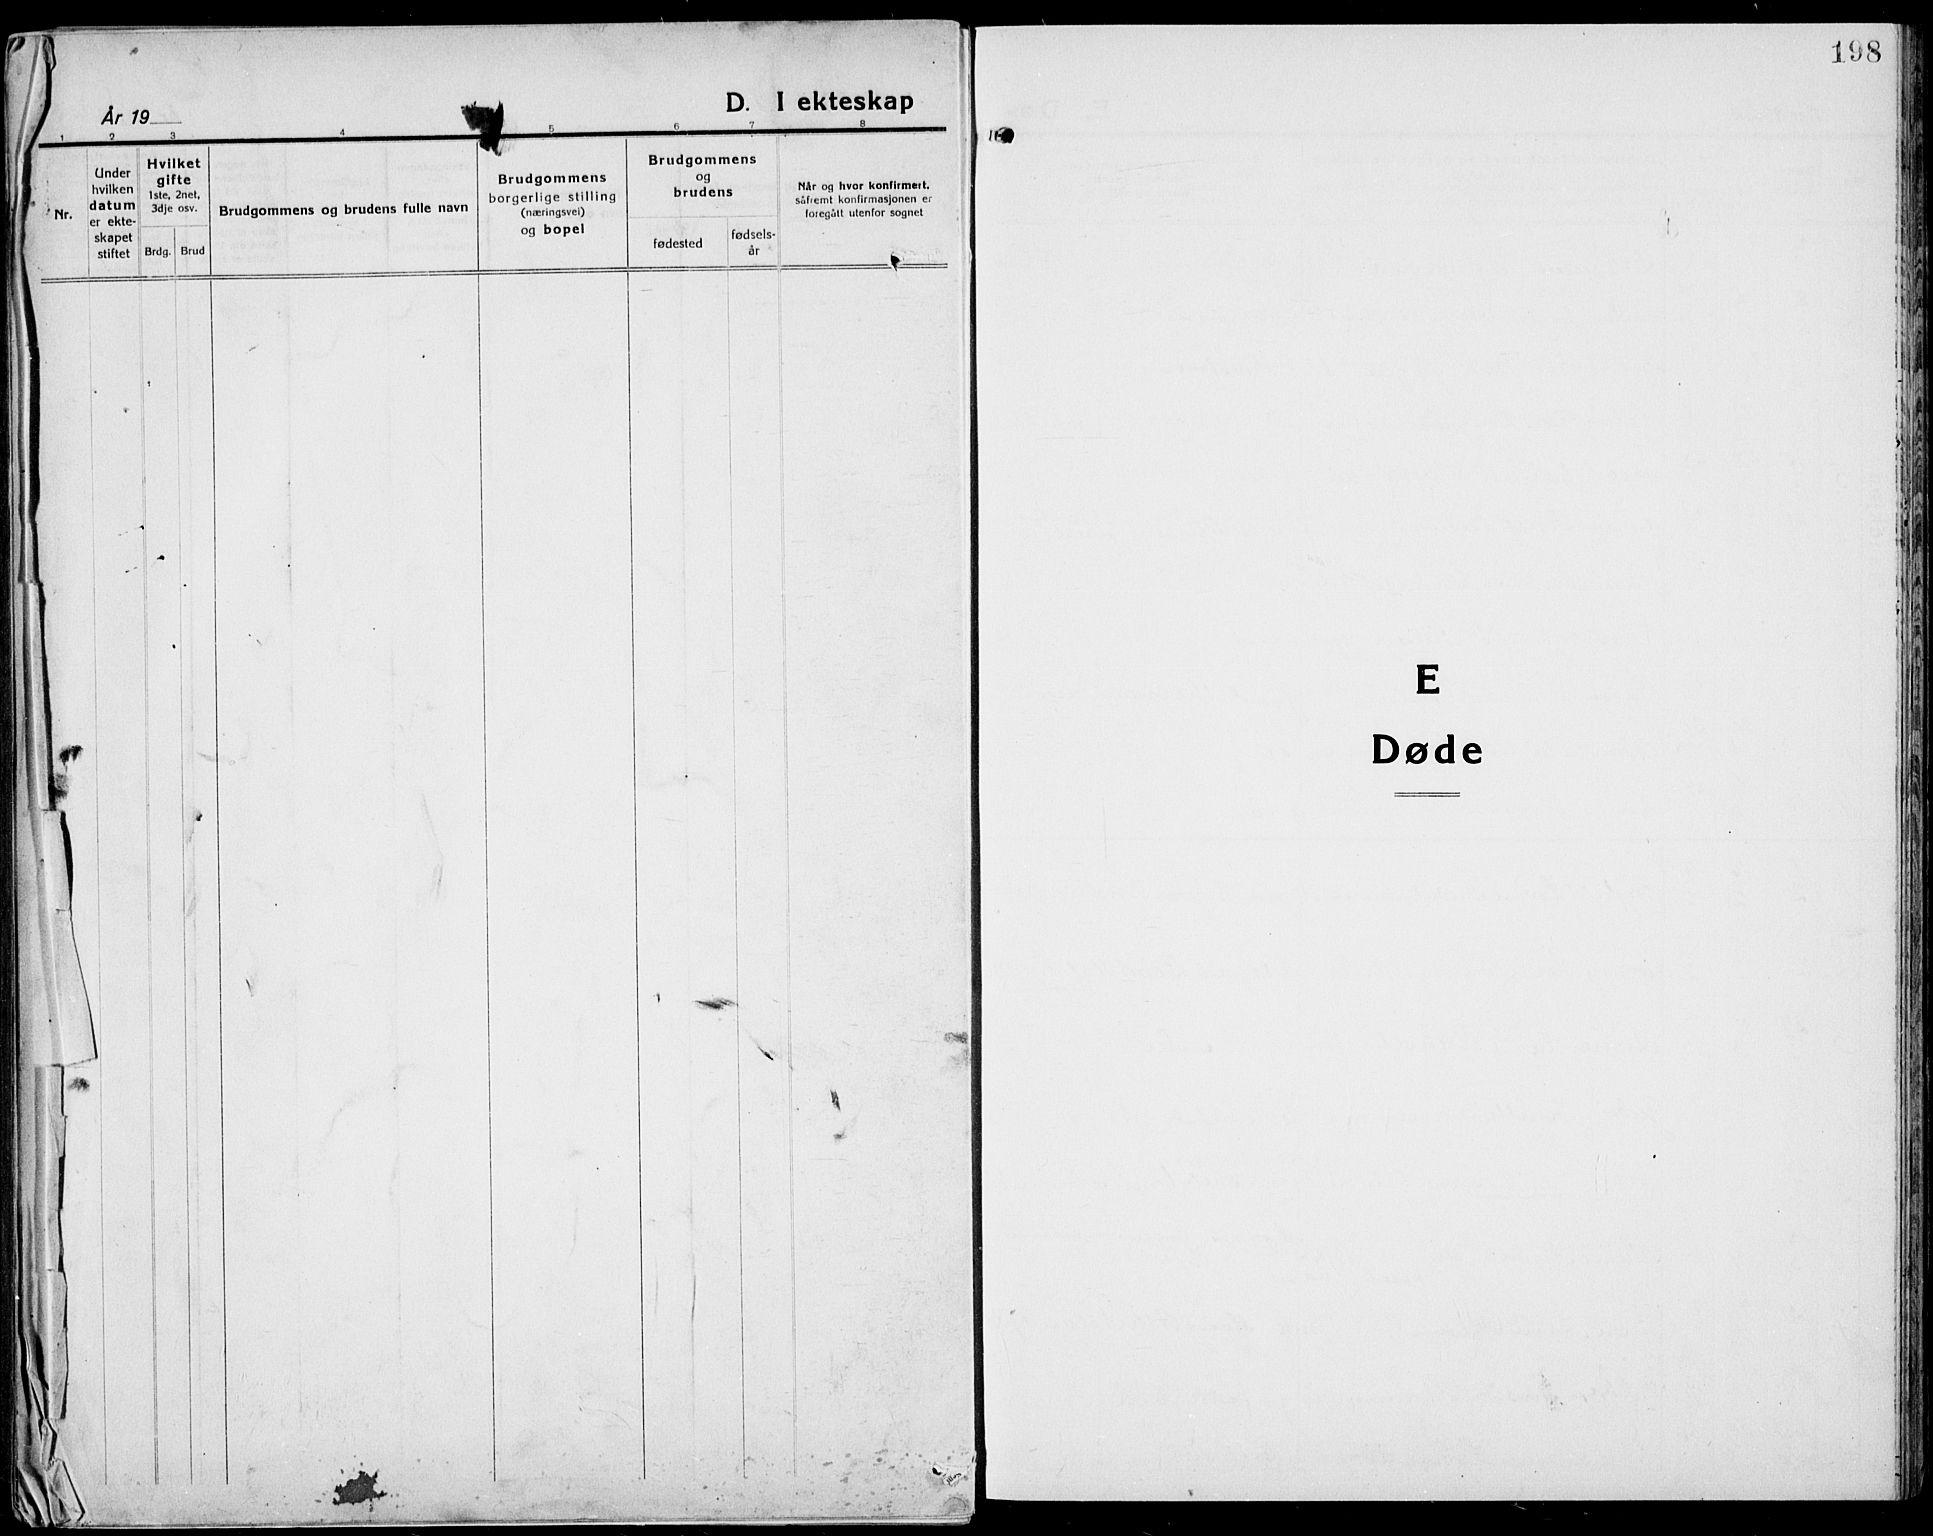 SAKO, Bamble kirkebøker, G/Ga/L0011: Klokkerbok nr. I 11, 1920-1935, s. 198